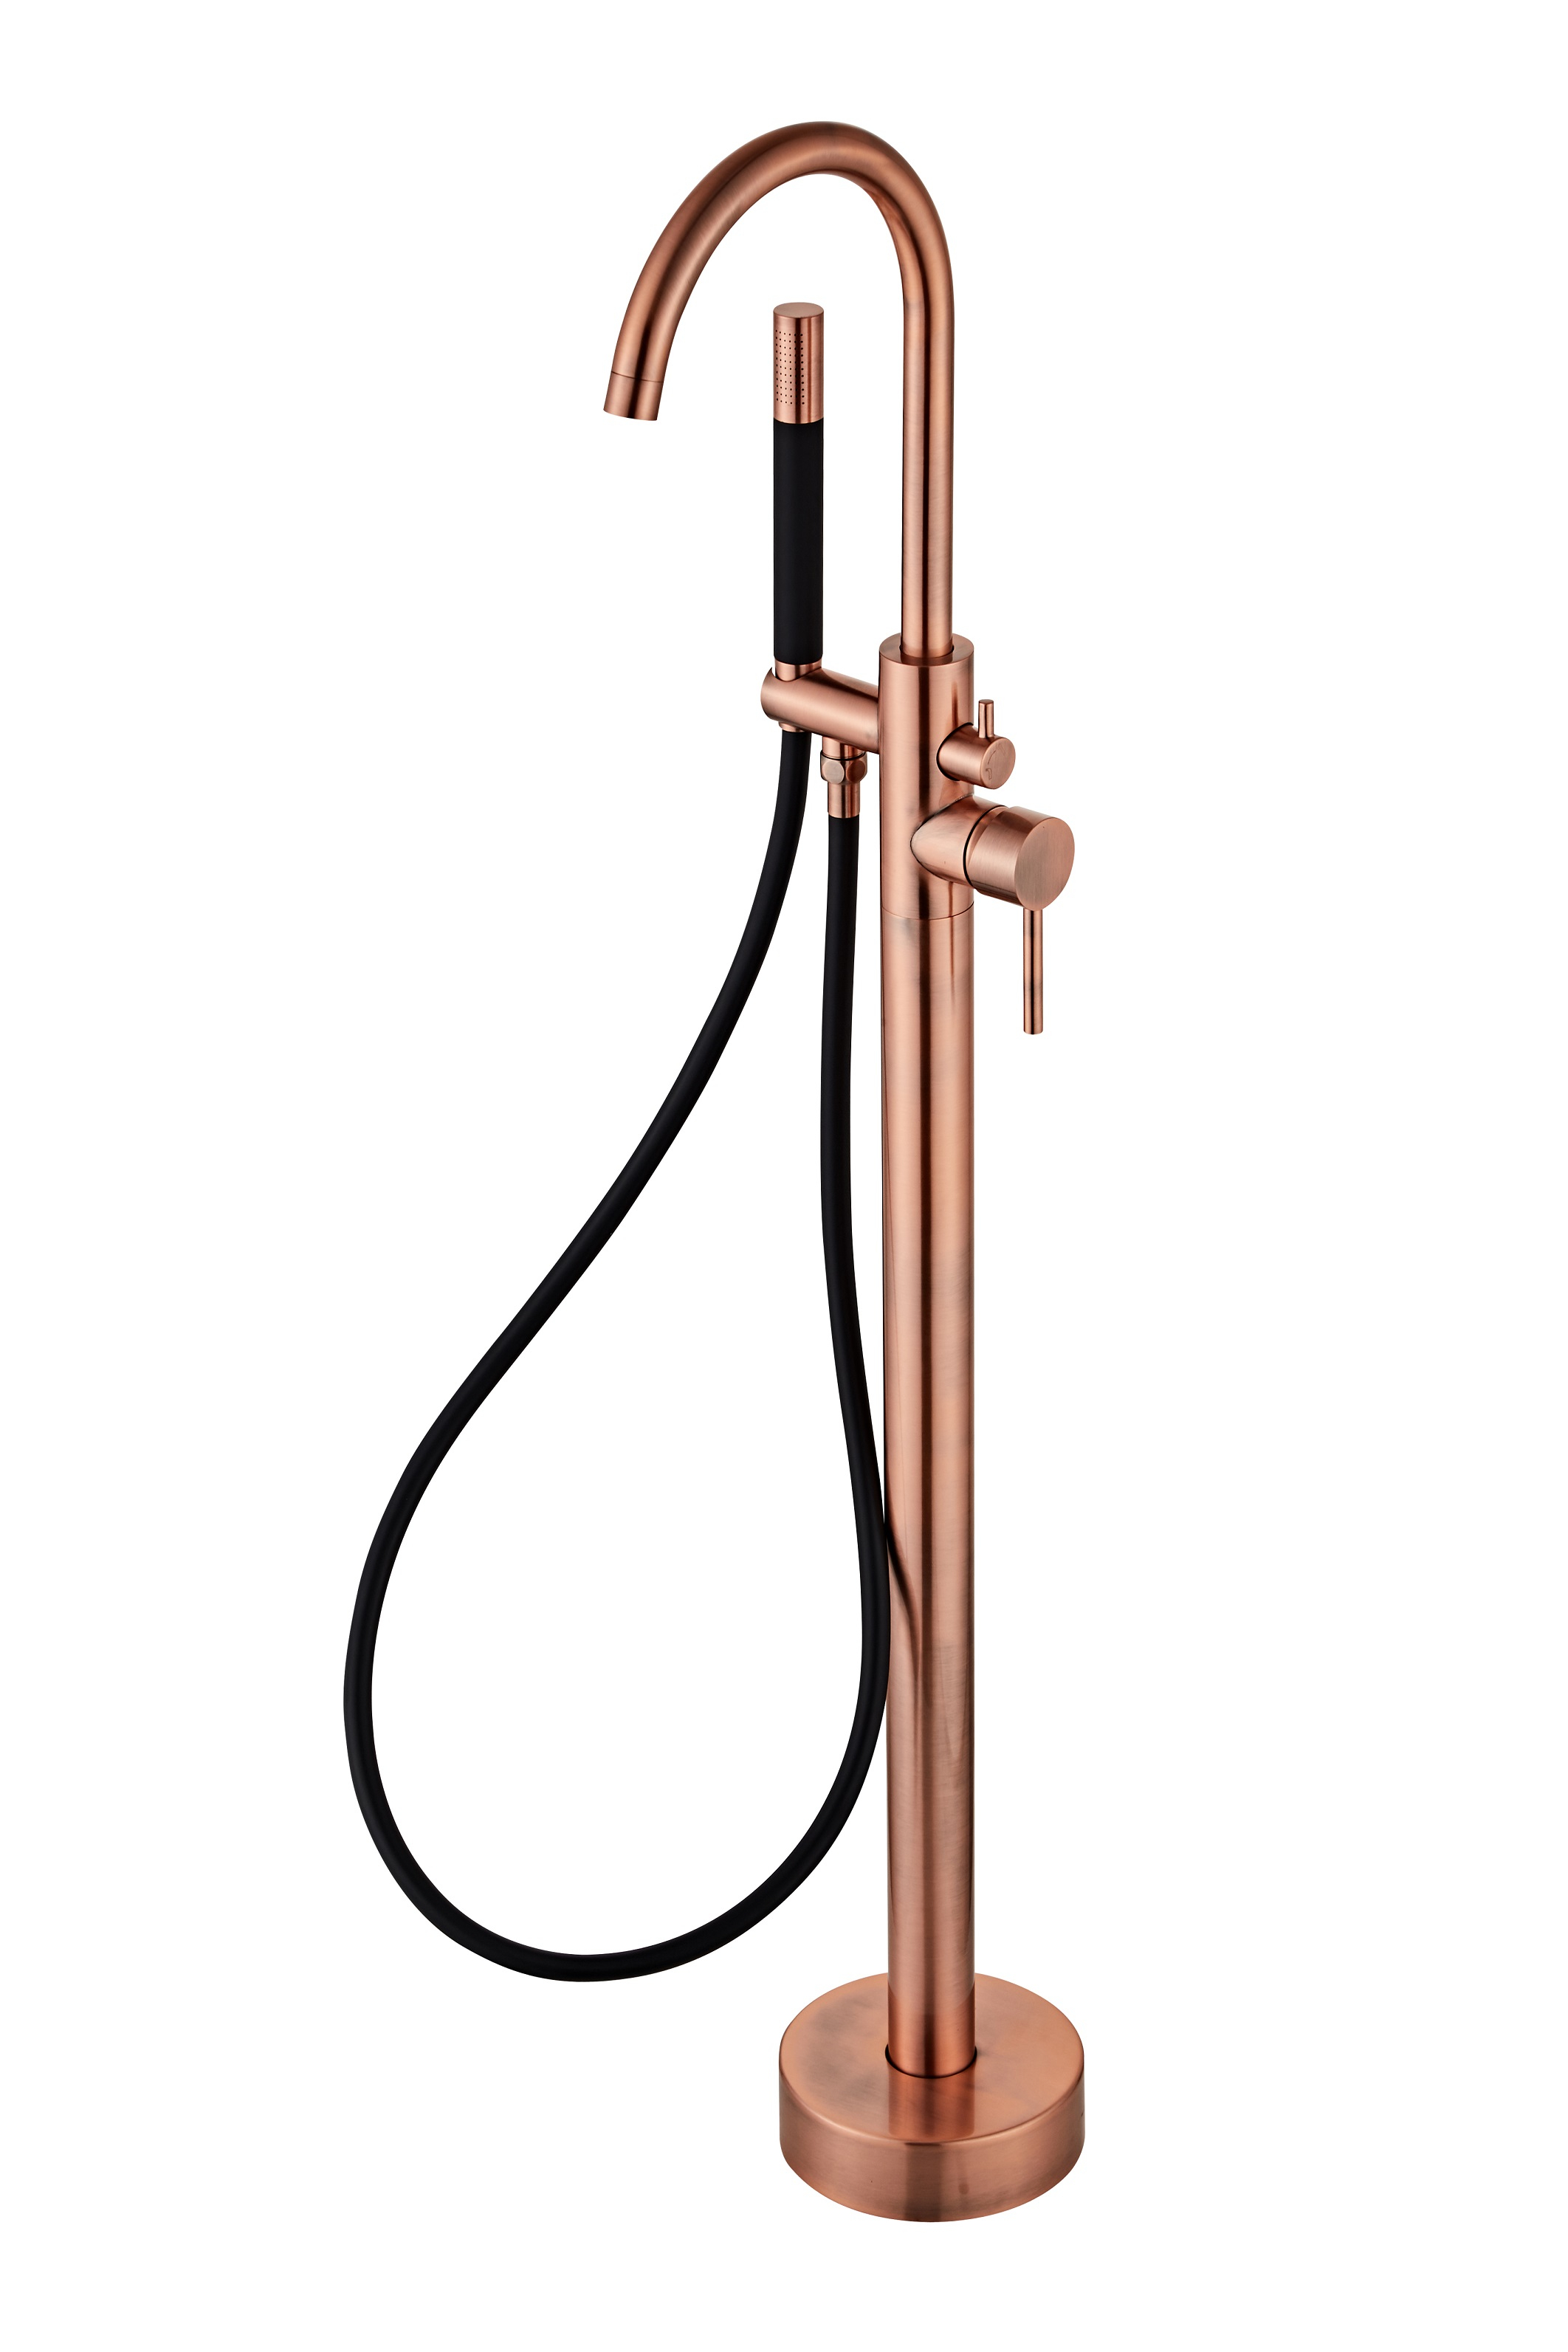 Saniclear Copper Pro vrijstaande badkraan koper zwart